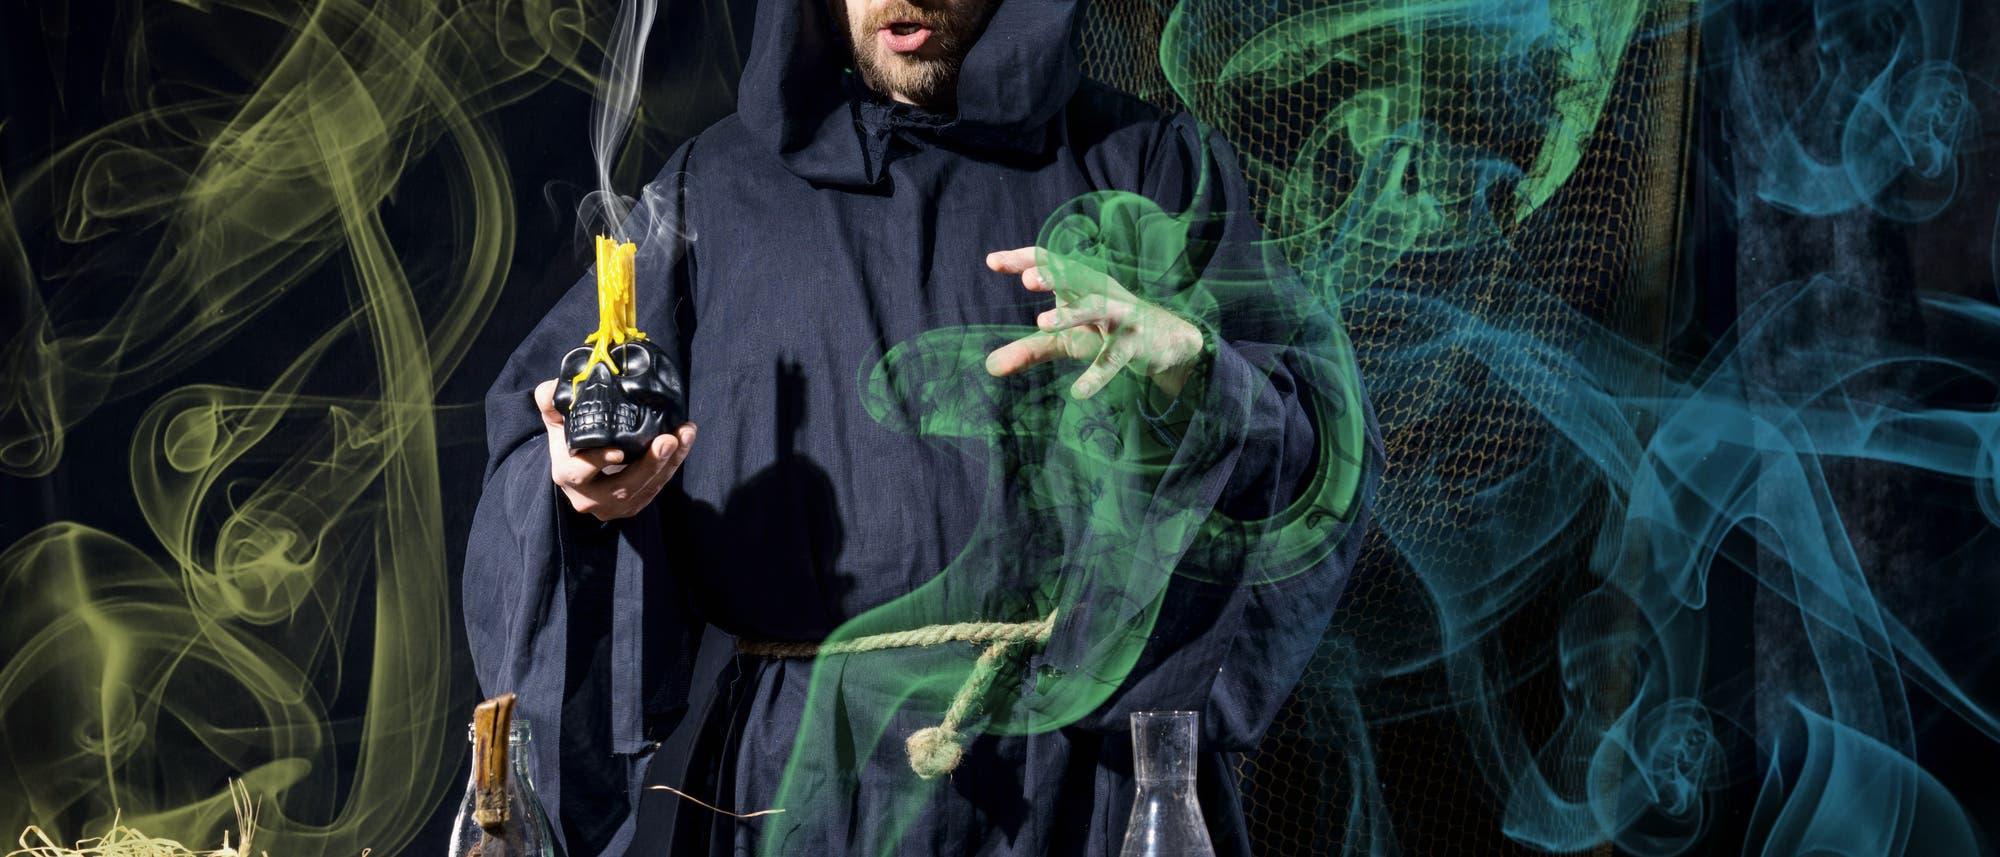 Ein Alchemist mit Kutte hält eine Kerze auf einem Totenschädel und forscht im bunten Dunst